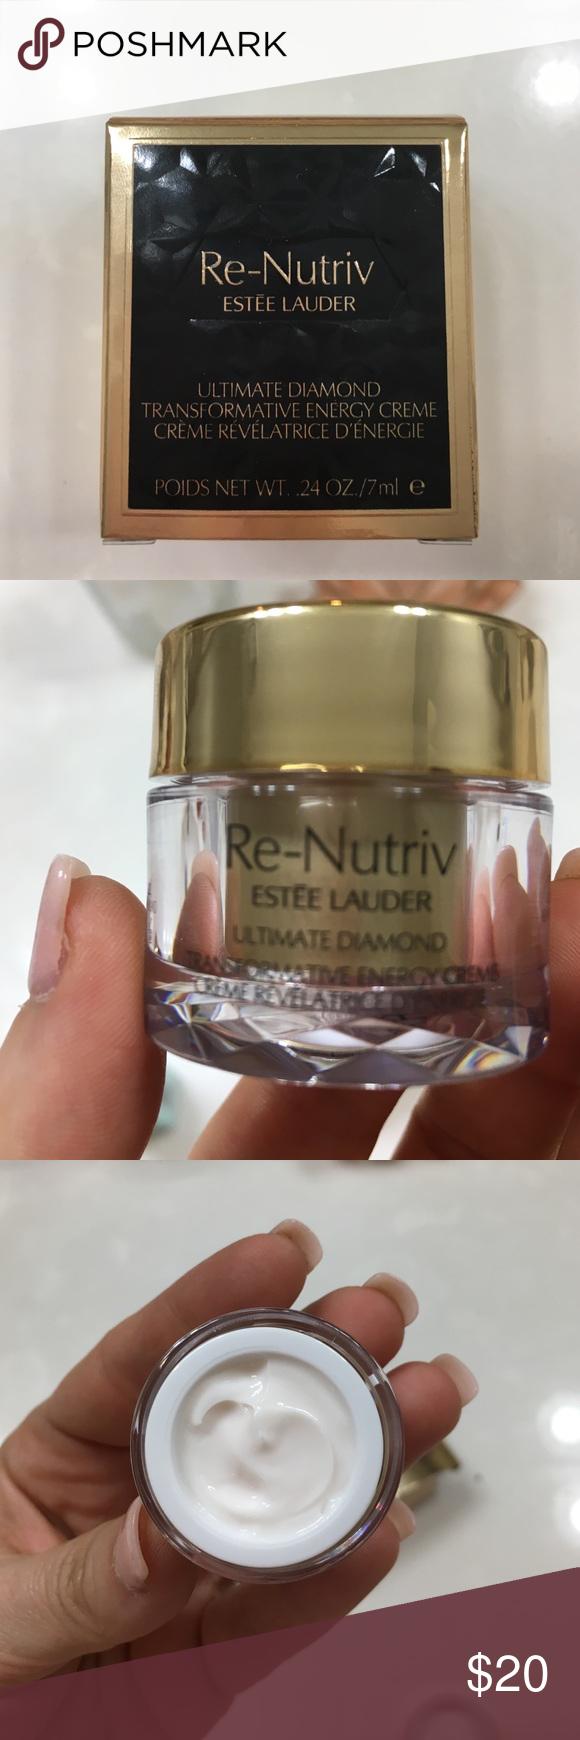 Re-Nutriv Ultimate Diamond Transformative Energy Creme by Estée Lauder #21